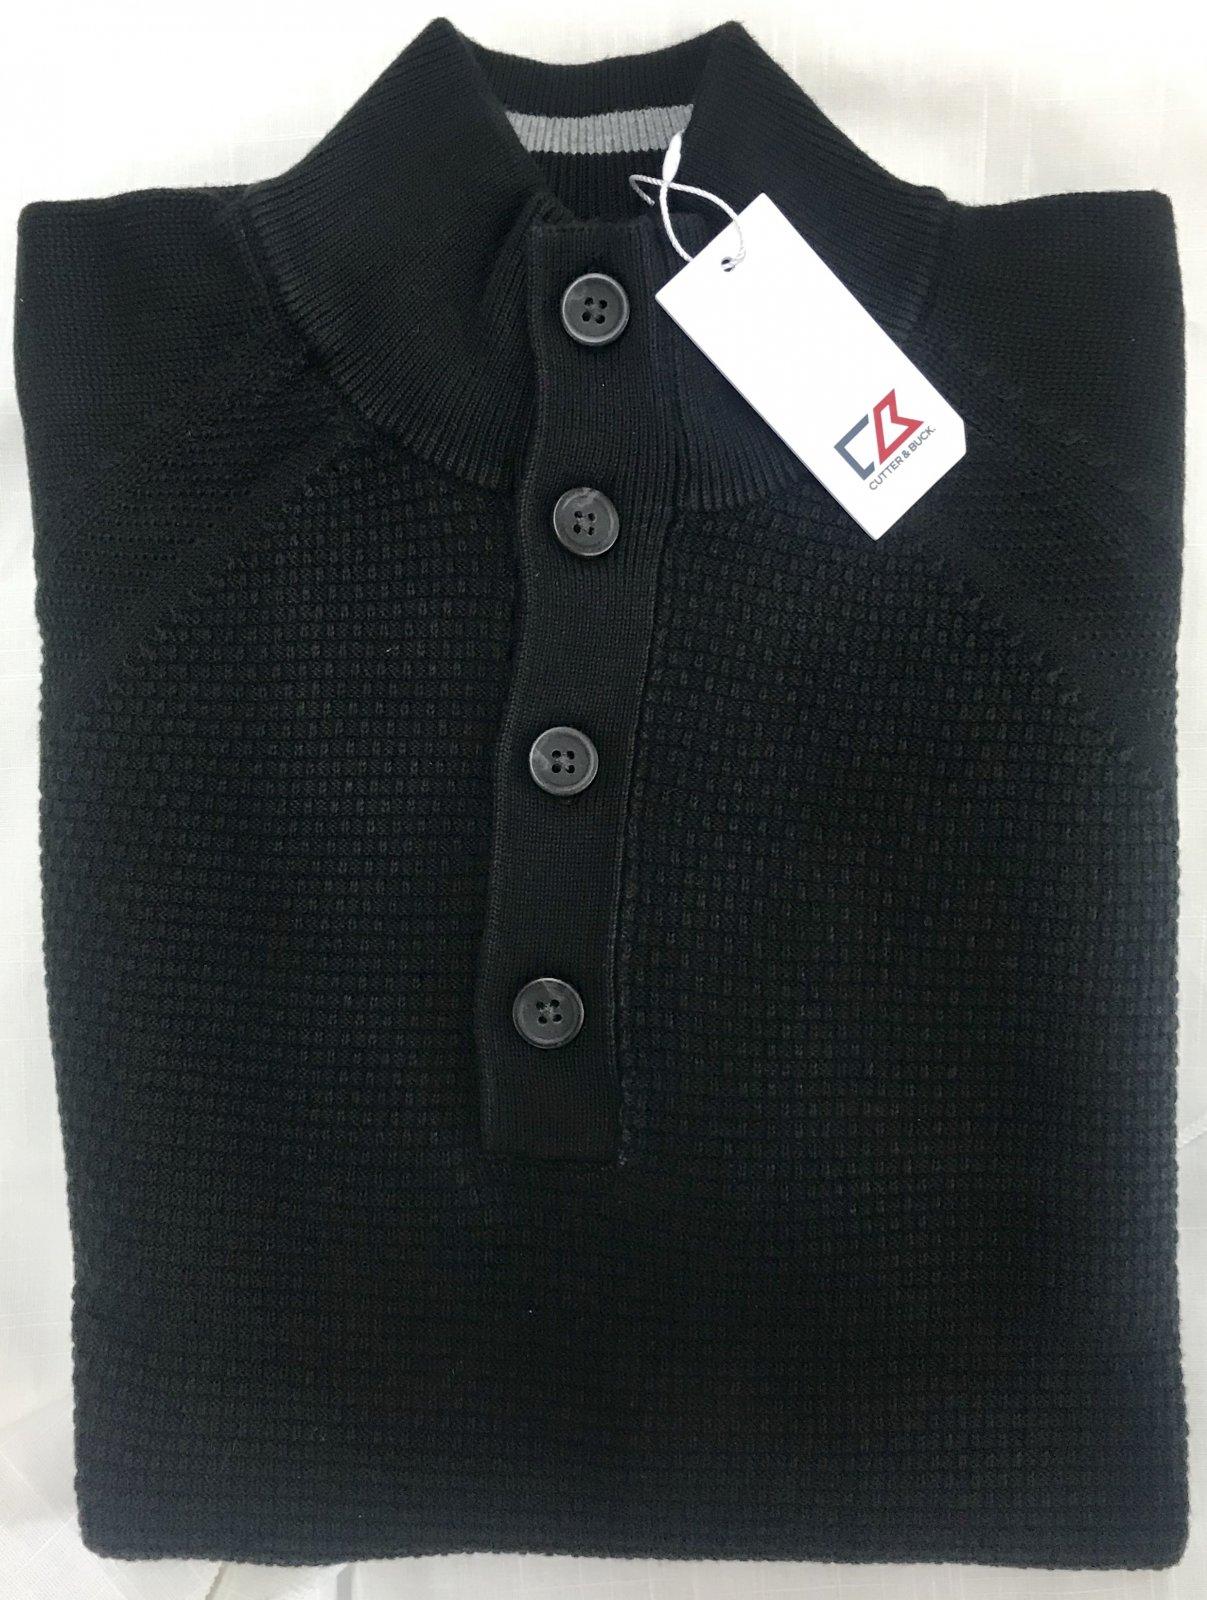 Cutter & Buck Reuben Button Mock Sweater